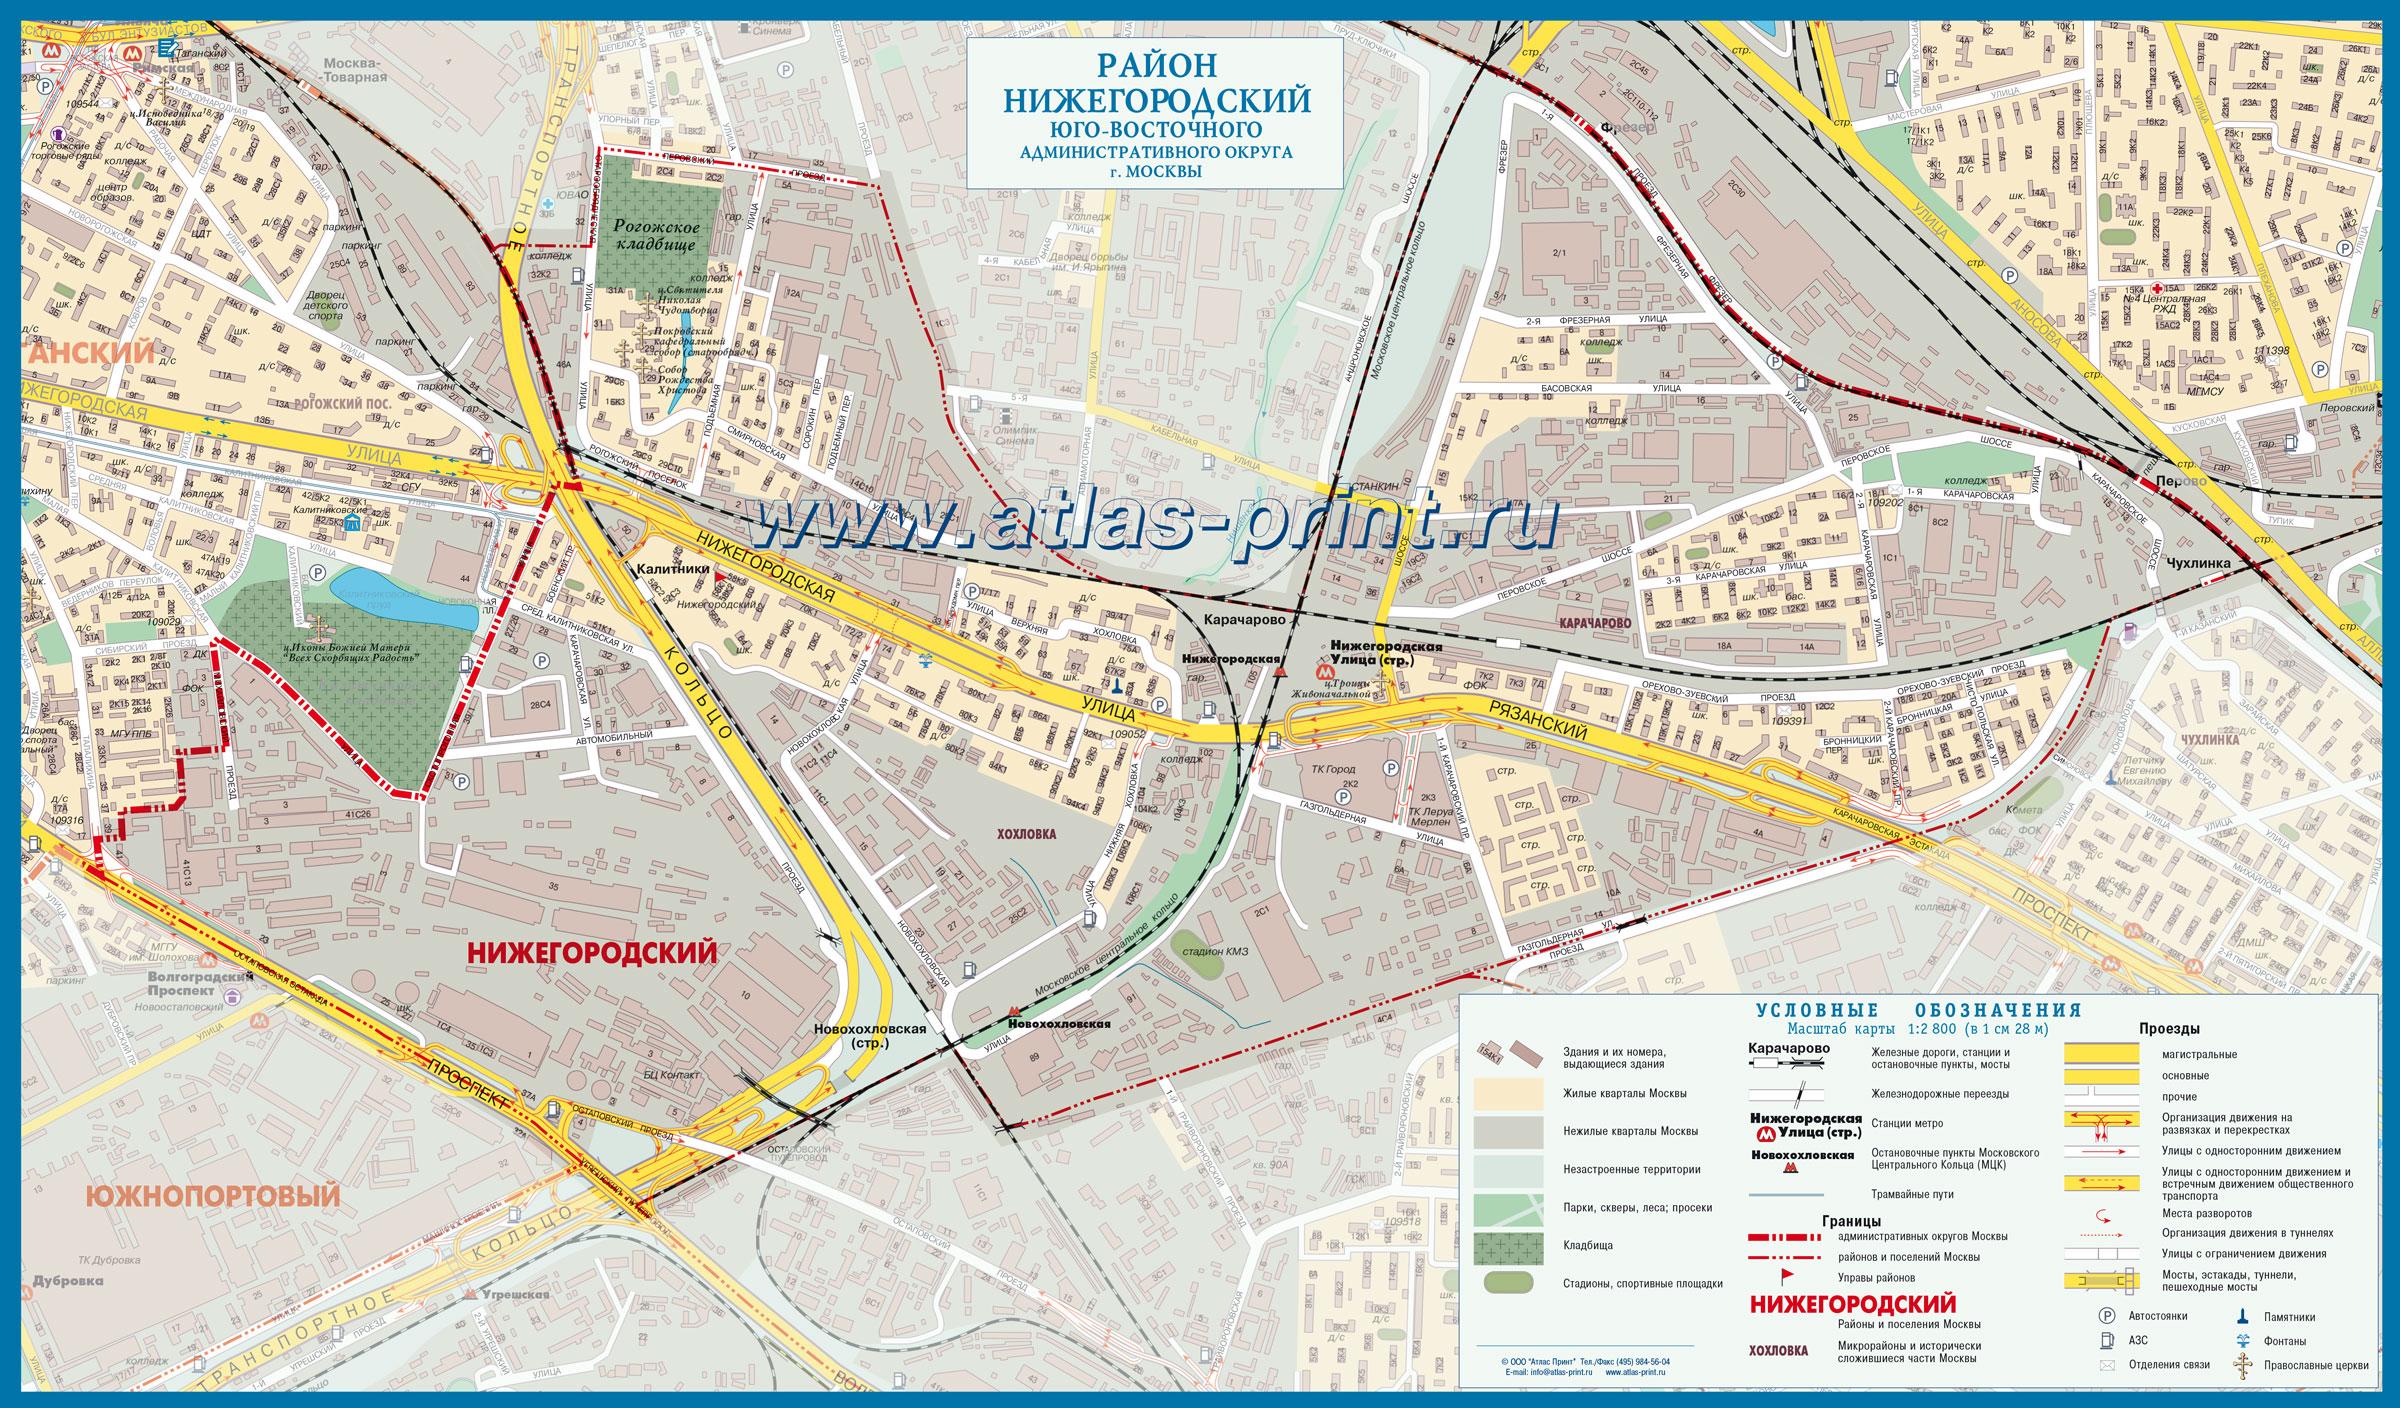 Настенная карта района НИЖЕГОРОДСКИЙ (ЮВАО)  г. Москвы 1,00*0,58м, ламинированная